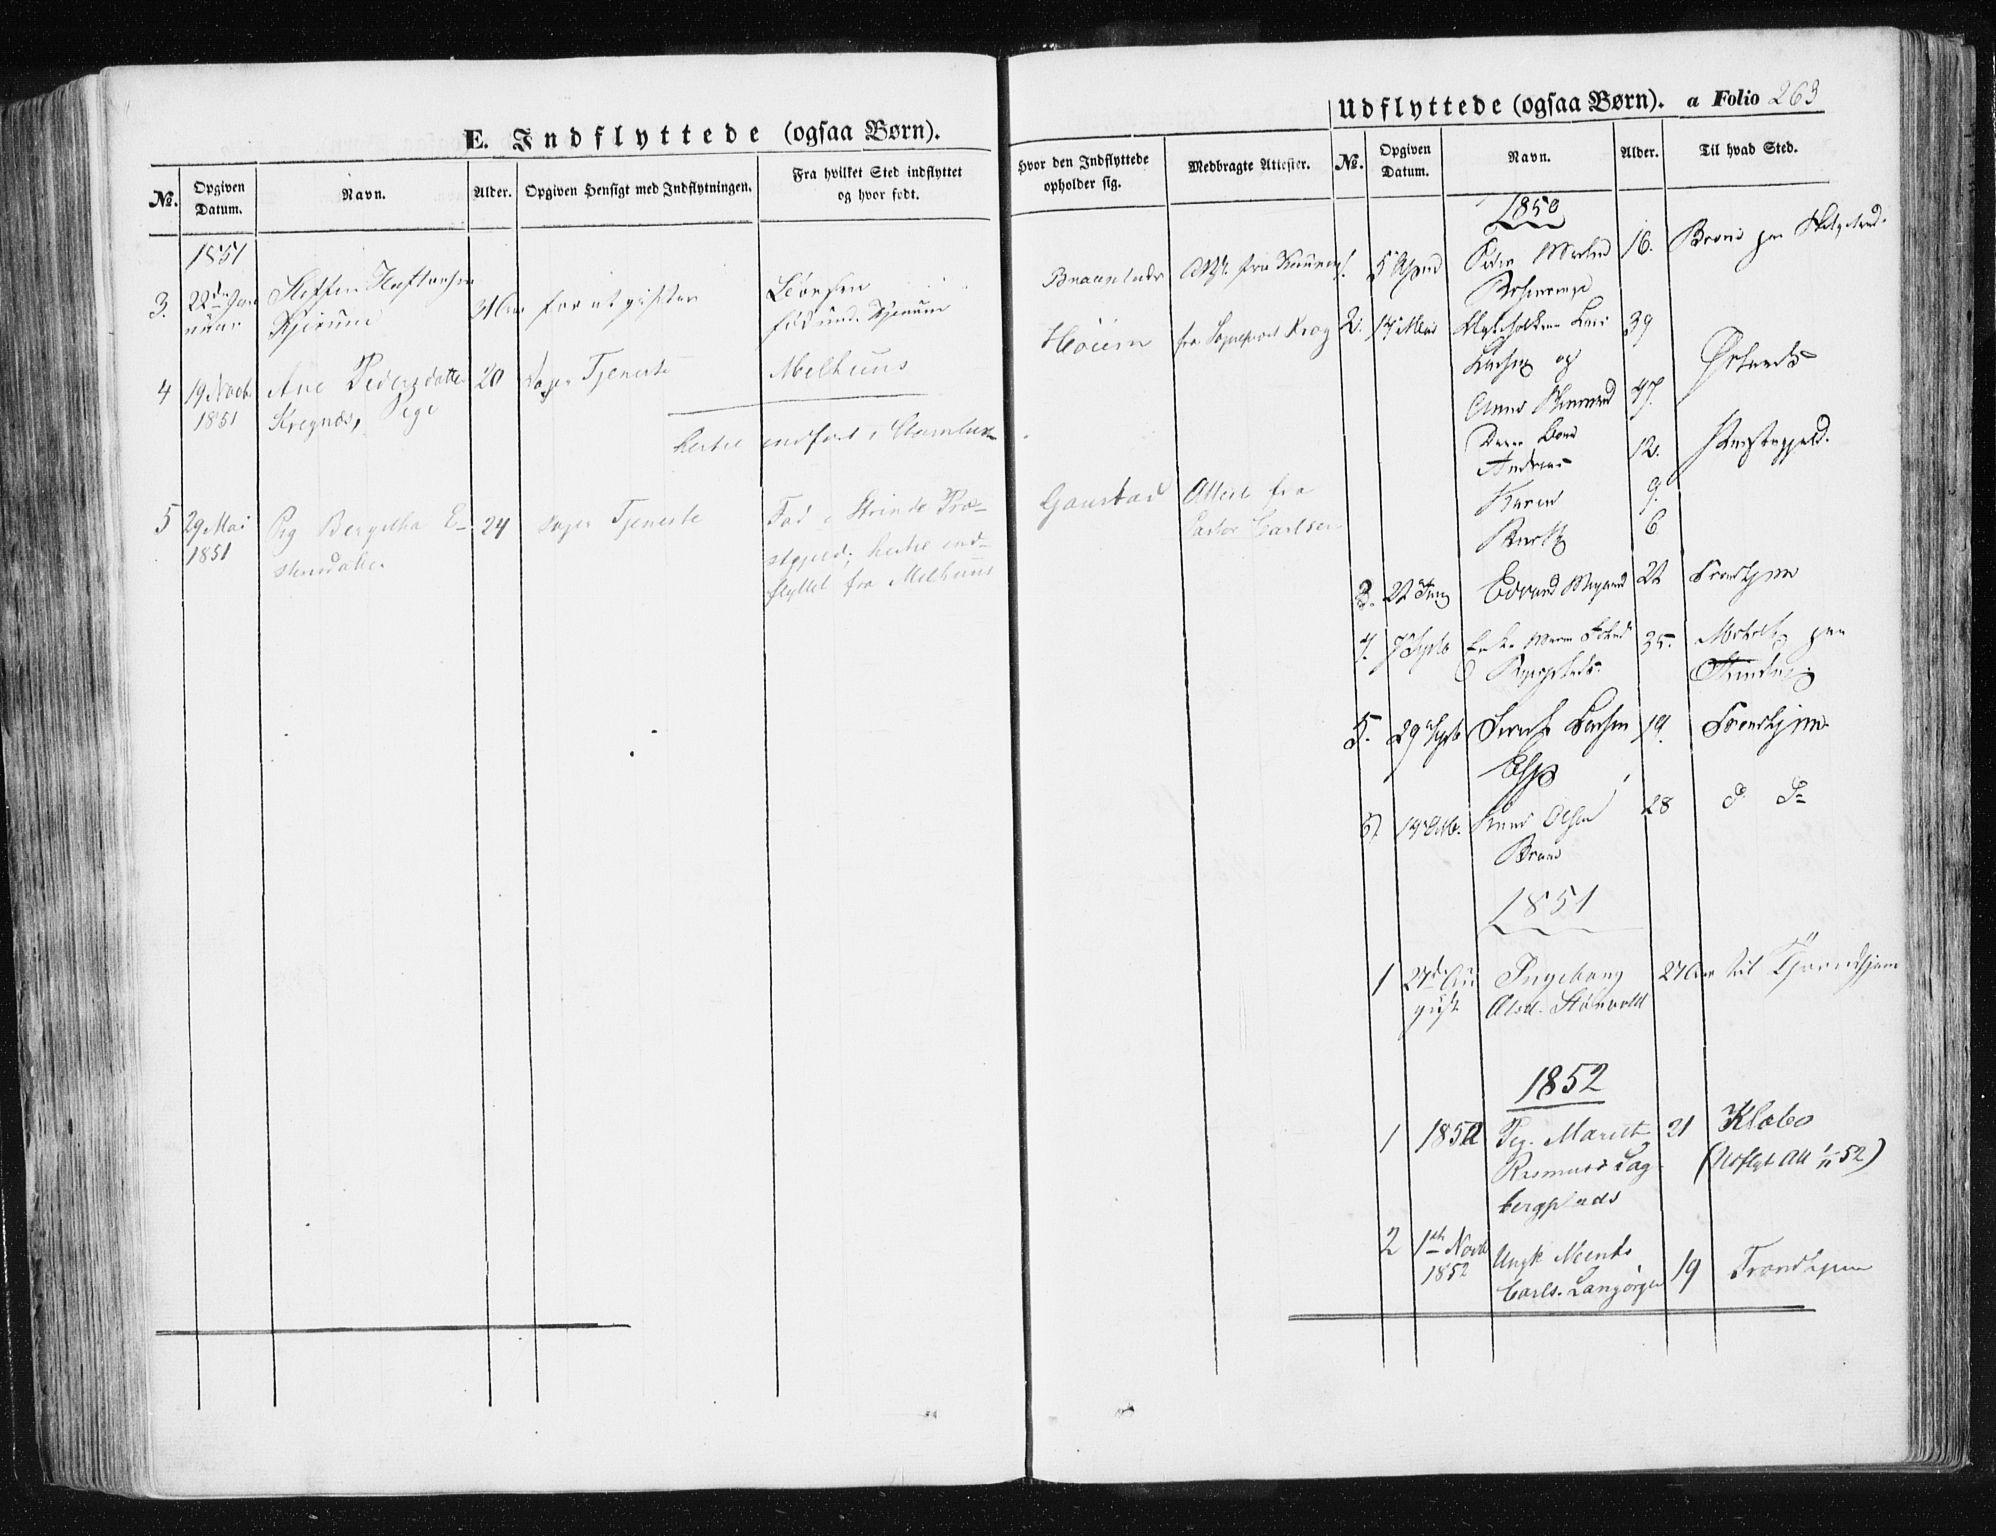 SAT, Ministerialprotokoller, klokkerbøker og fødselsregistre - Sør-Trøndelag, 612/L0376: Ministerialbok nr. 612A08, 1846-1859, s. 263